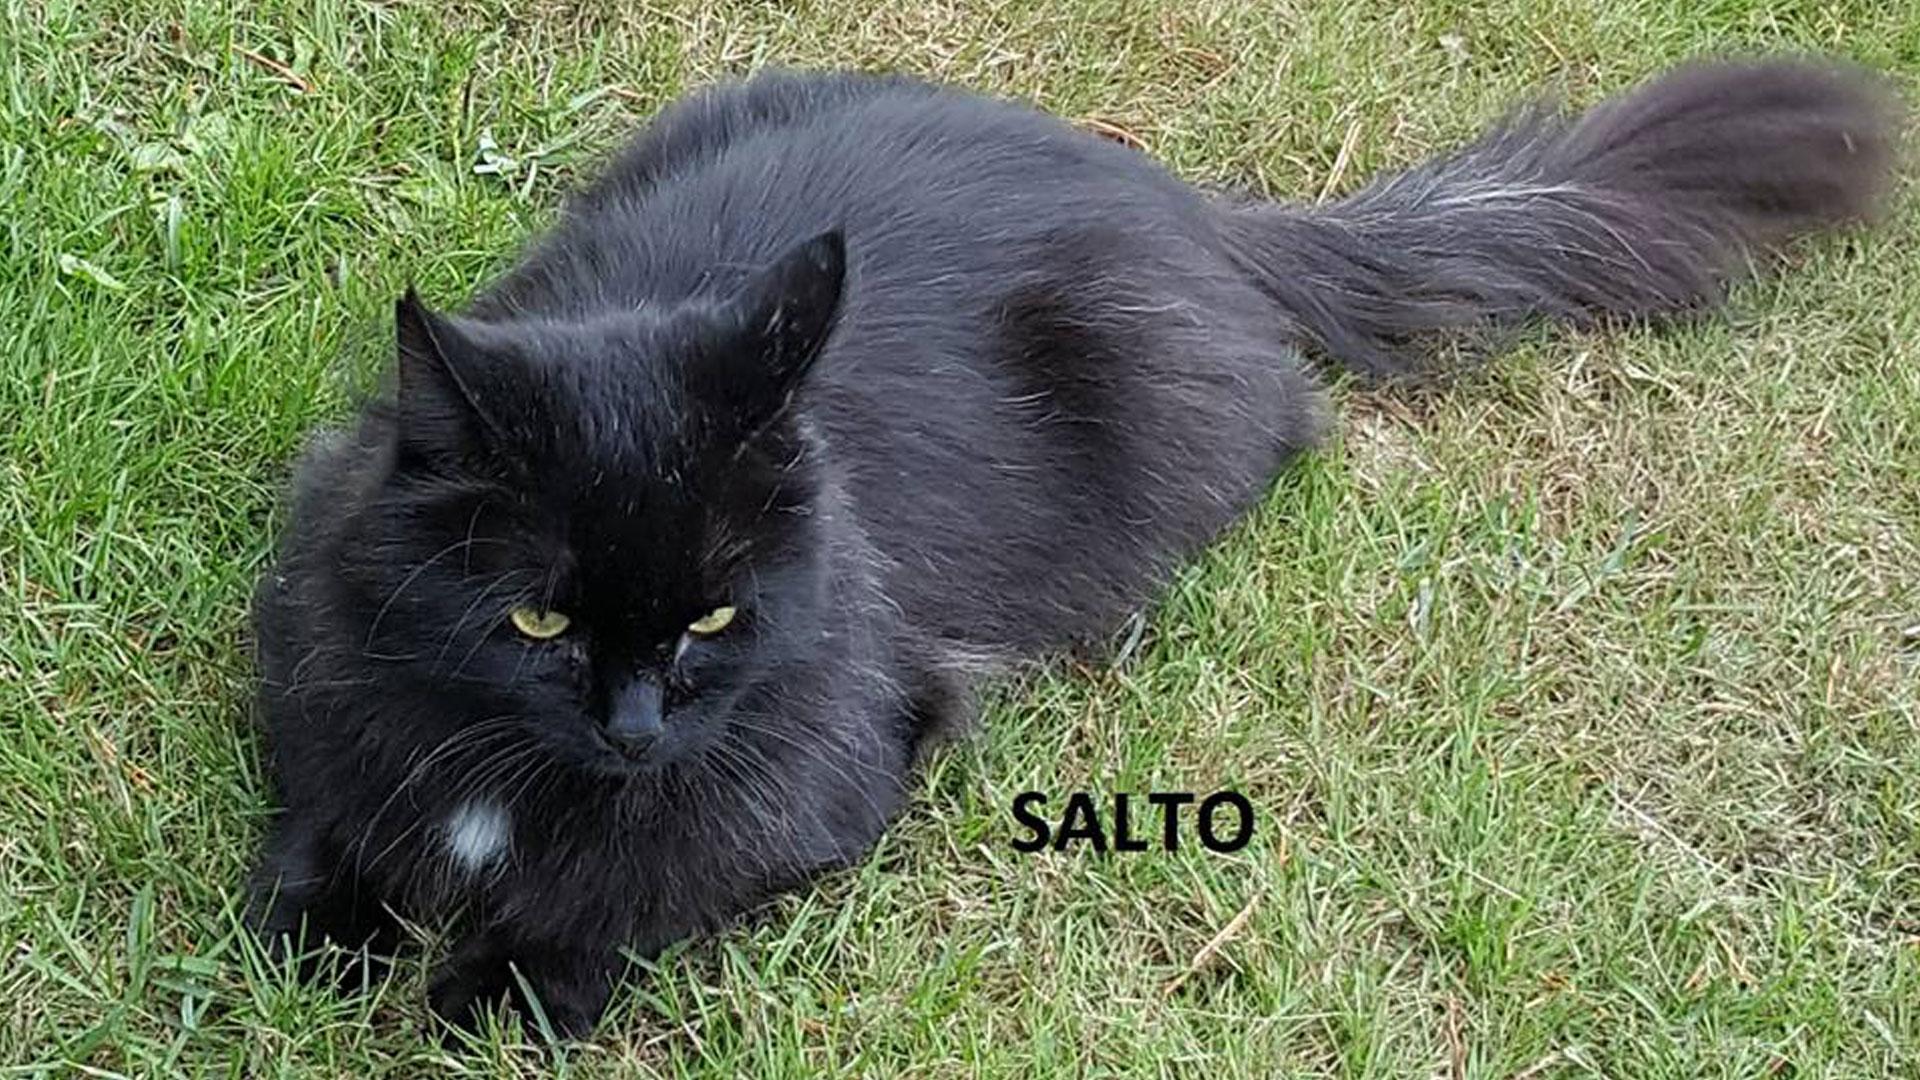 Salto_1920